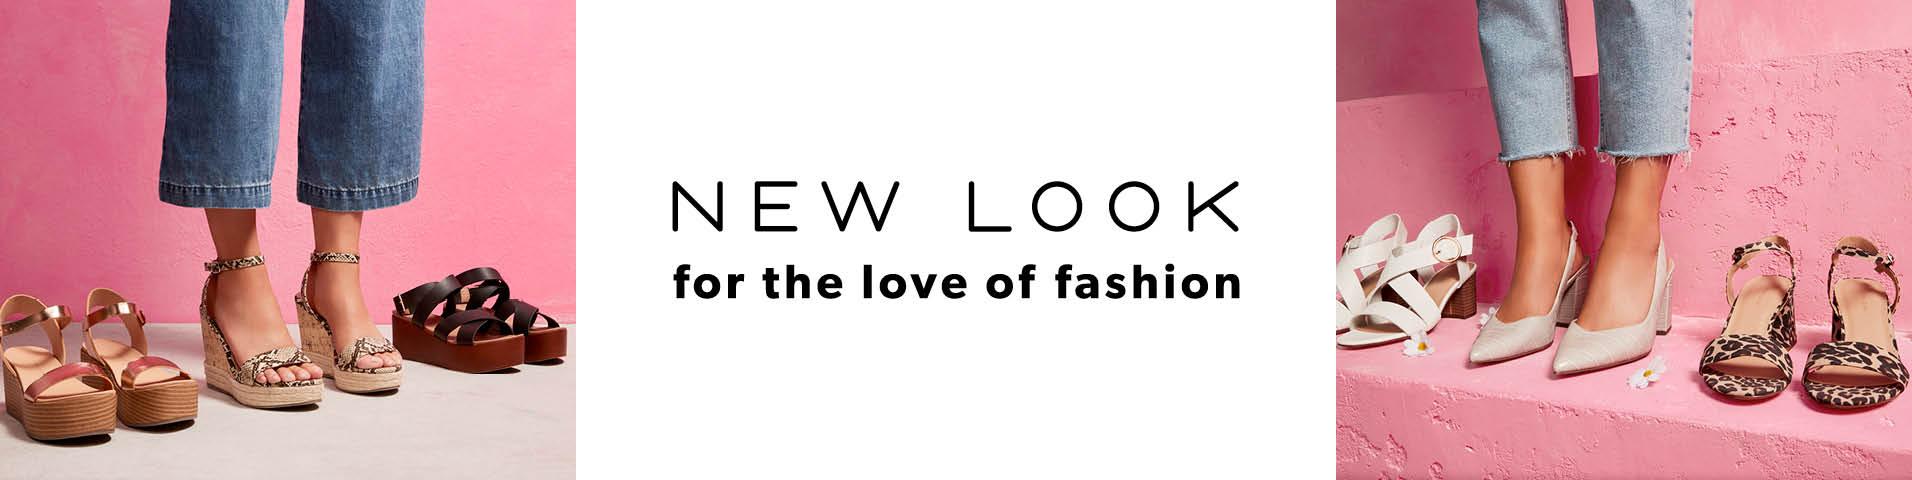 f14275e585 Scarpe donna New Look | Grande assortimento di calzature su Zalando